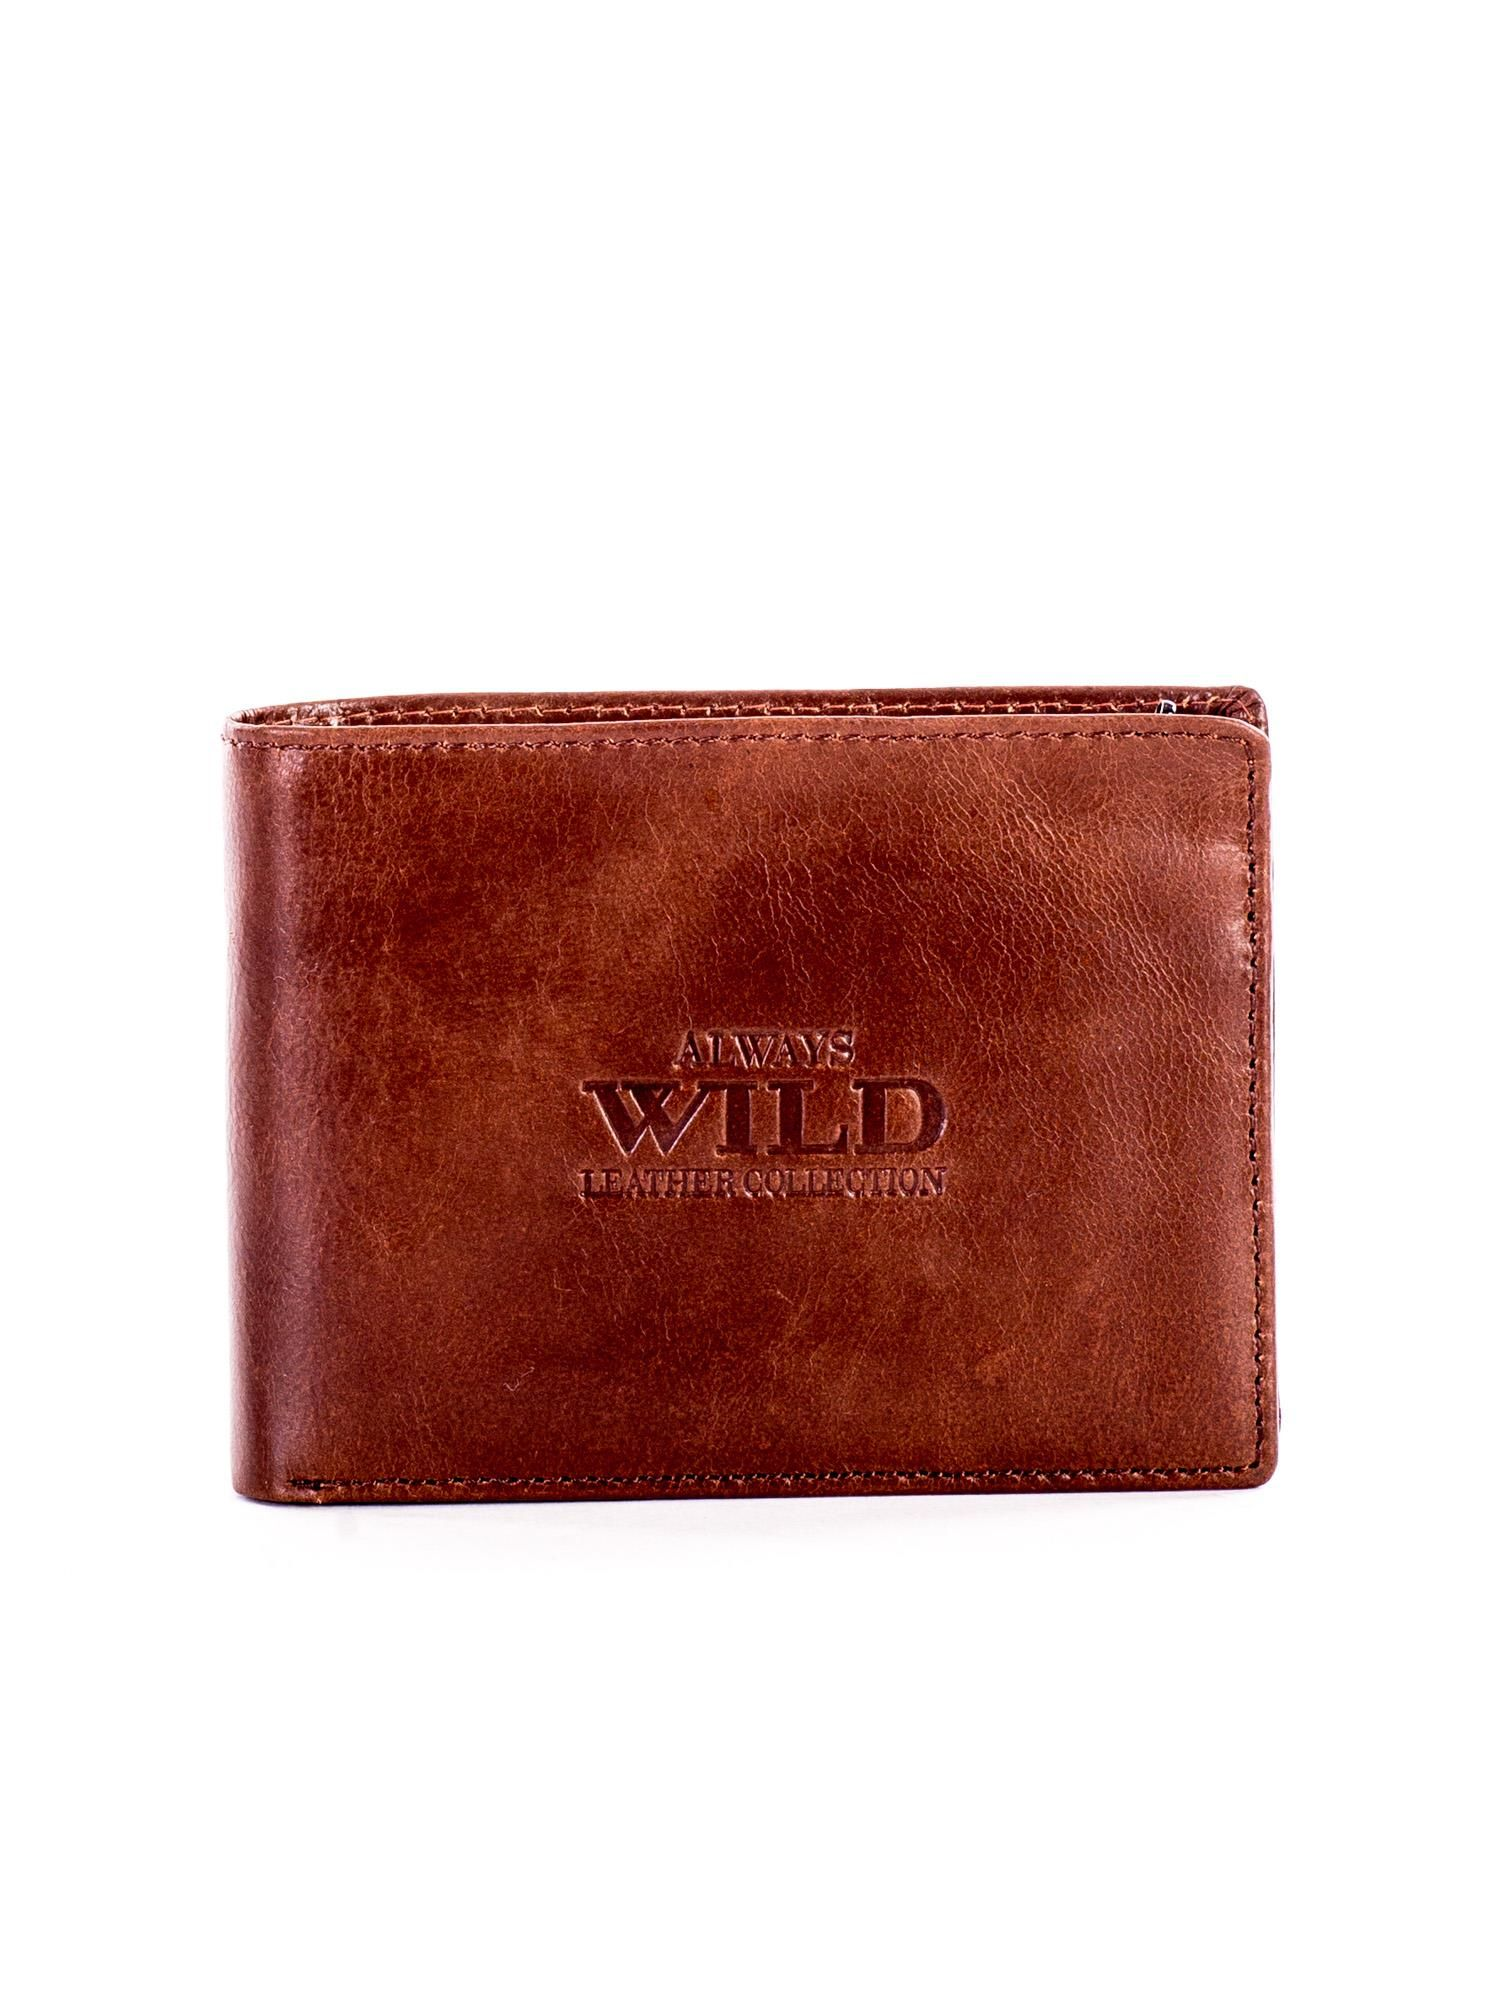 93af8e9660be0 Jasnobrązowy miękki skórzany portfel dla mężczyzny - Mężczyźni ...